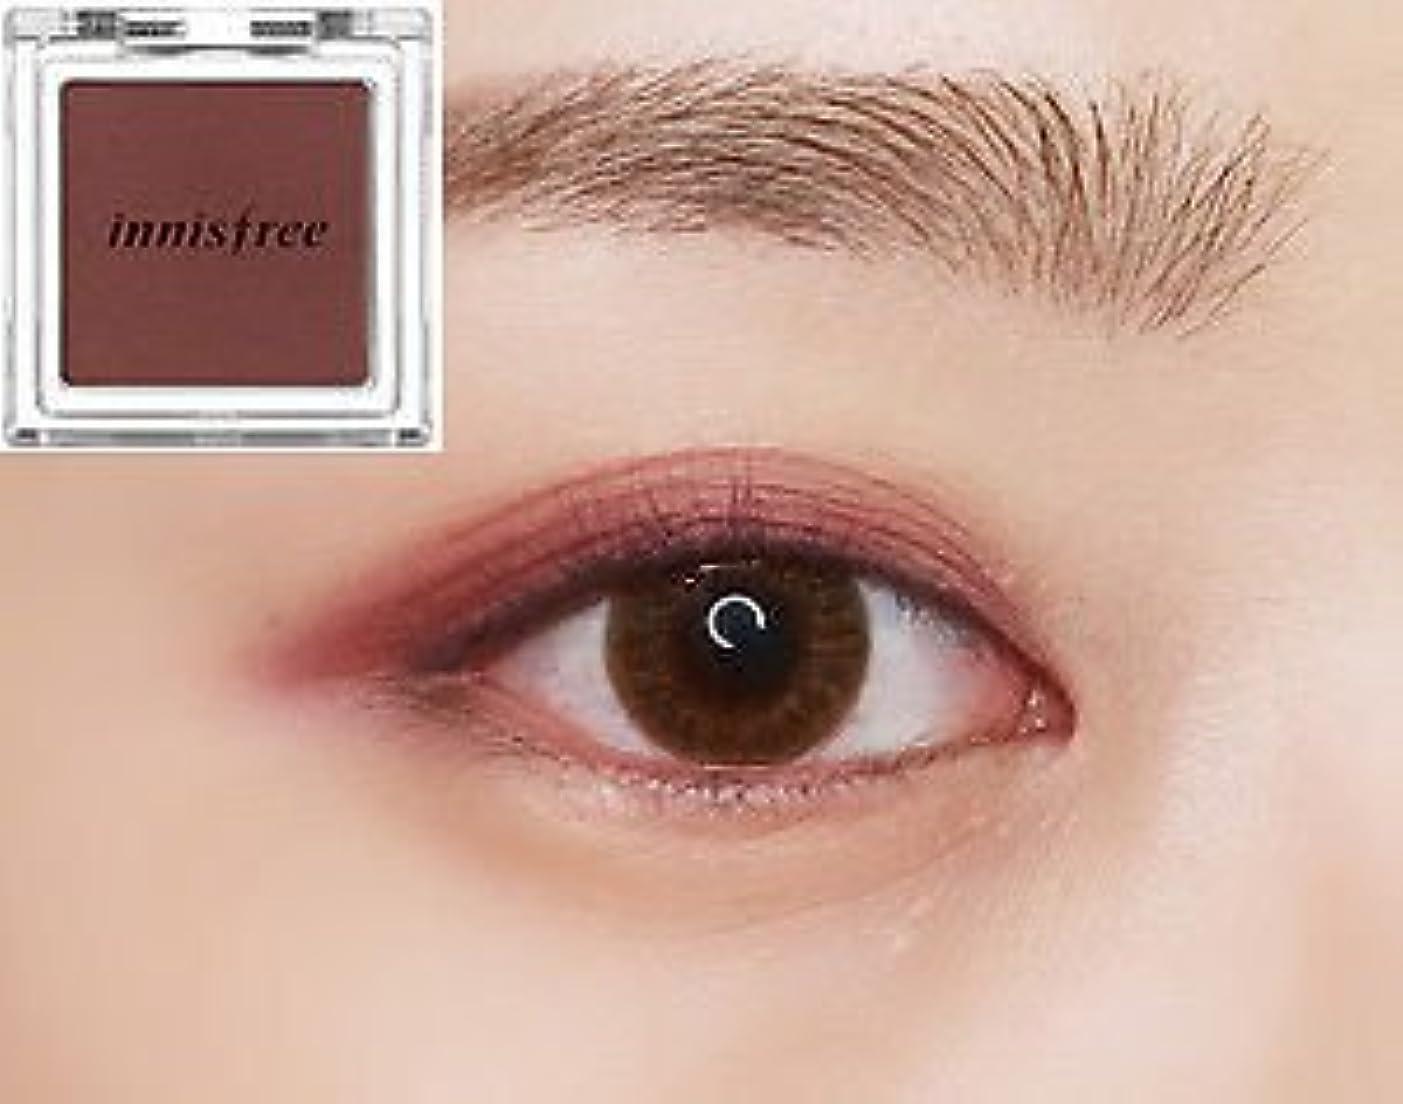 [イニスフリー] innisfree [マイ パレット マイ アイシャドウ (マット) 40カラー] MY PALETTE My Eyeshadow (Matte) 40 Shades [海外直送品] (マット #30)